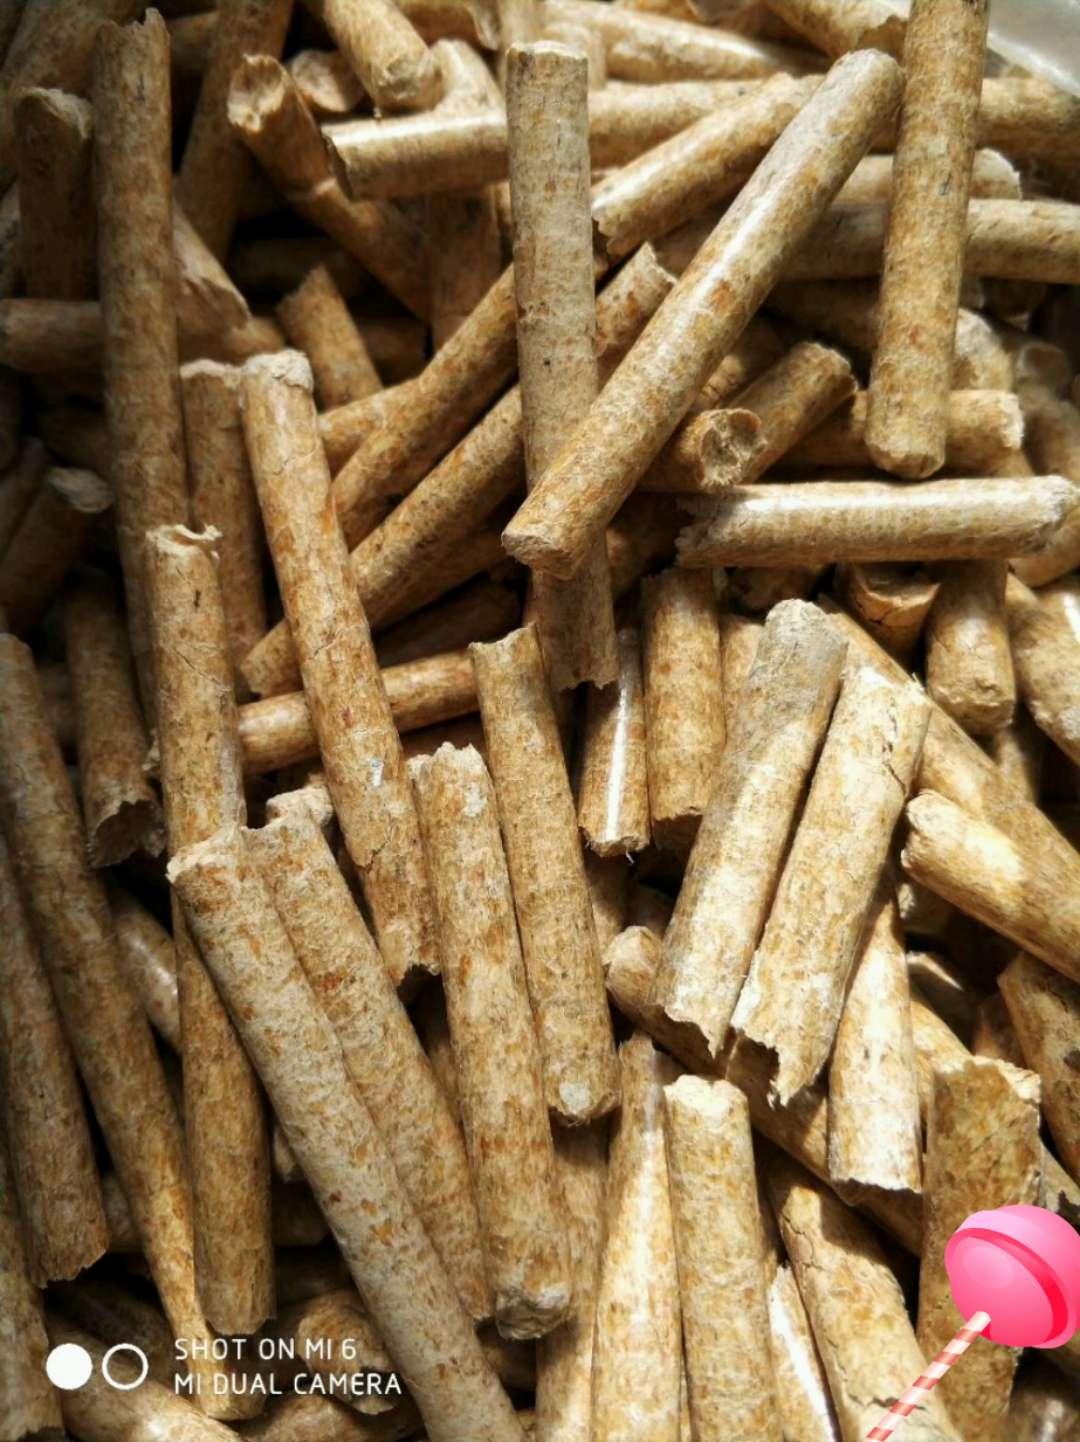 齐齐哈尔生物质颗粒厂家-辽宁靠谱的生物质颗粒供应商当属绥中县旺达生物质颗粒公司